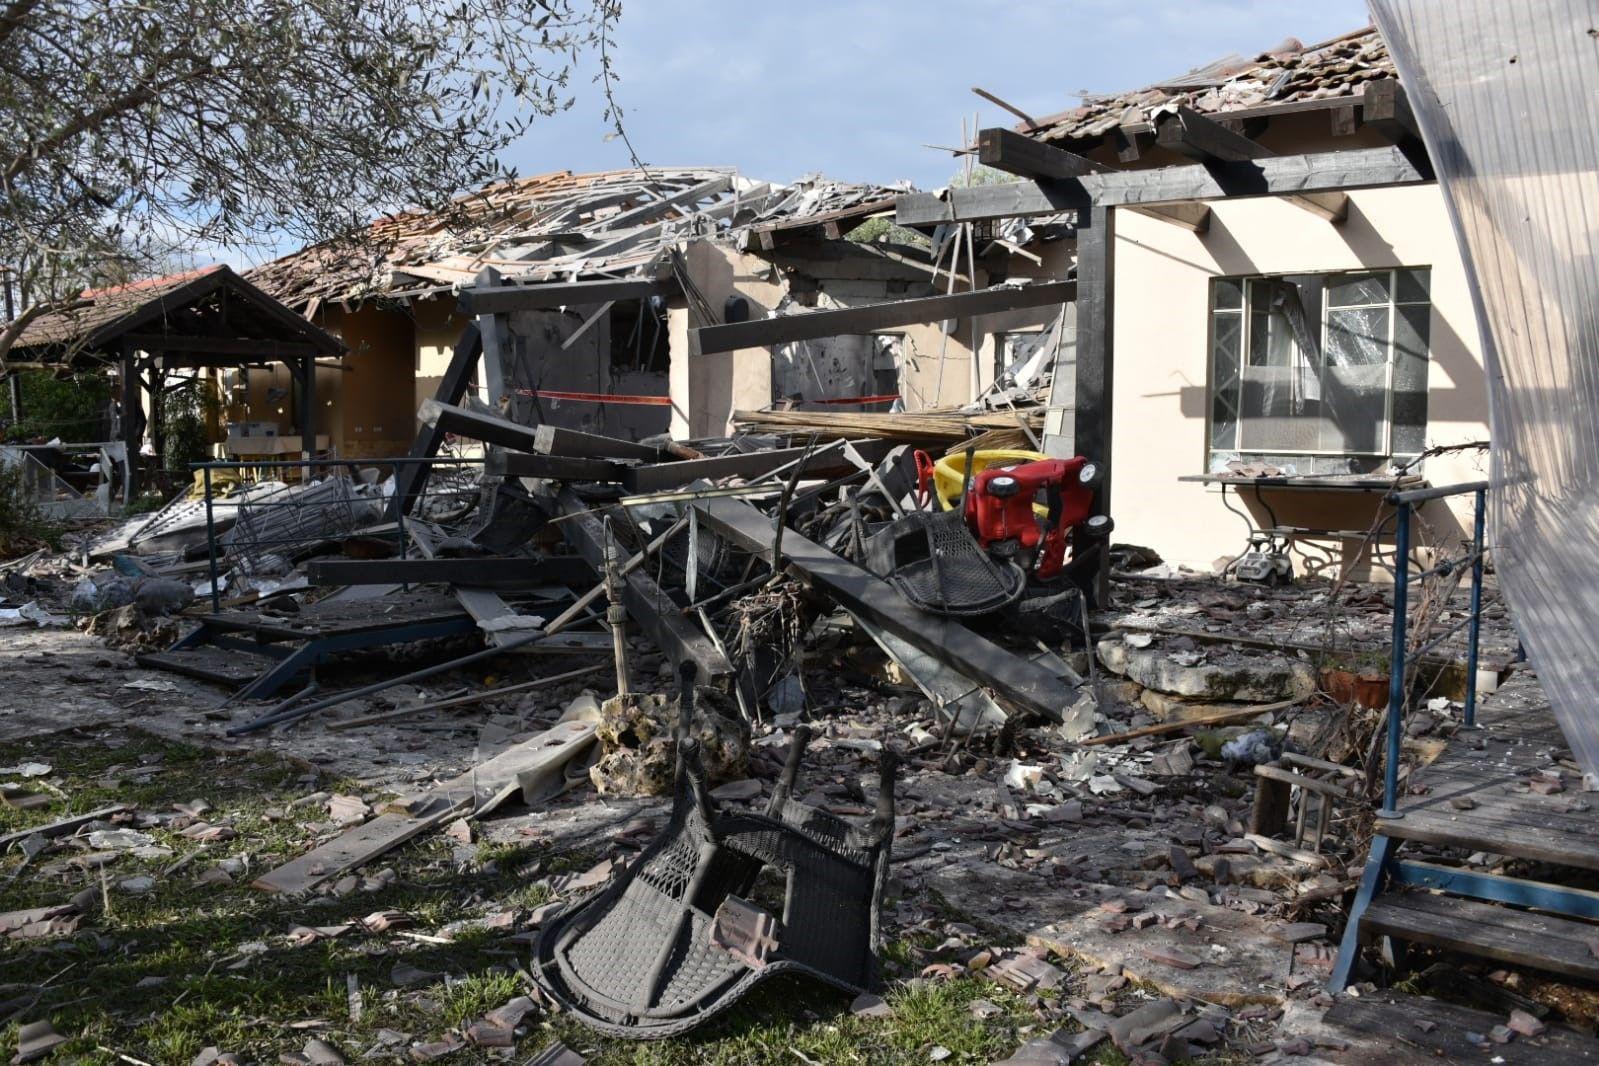 Les dégâts causés à une maison de Mishmeret, dans le nord de Tel Aviv, après l'envoi d'une roquette depuis Gaza, le 25 mars 2019